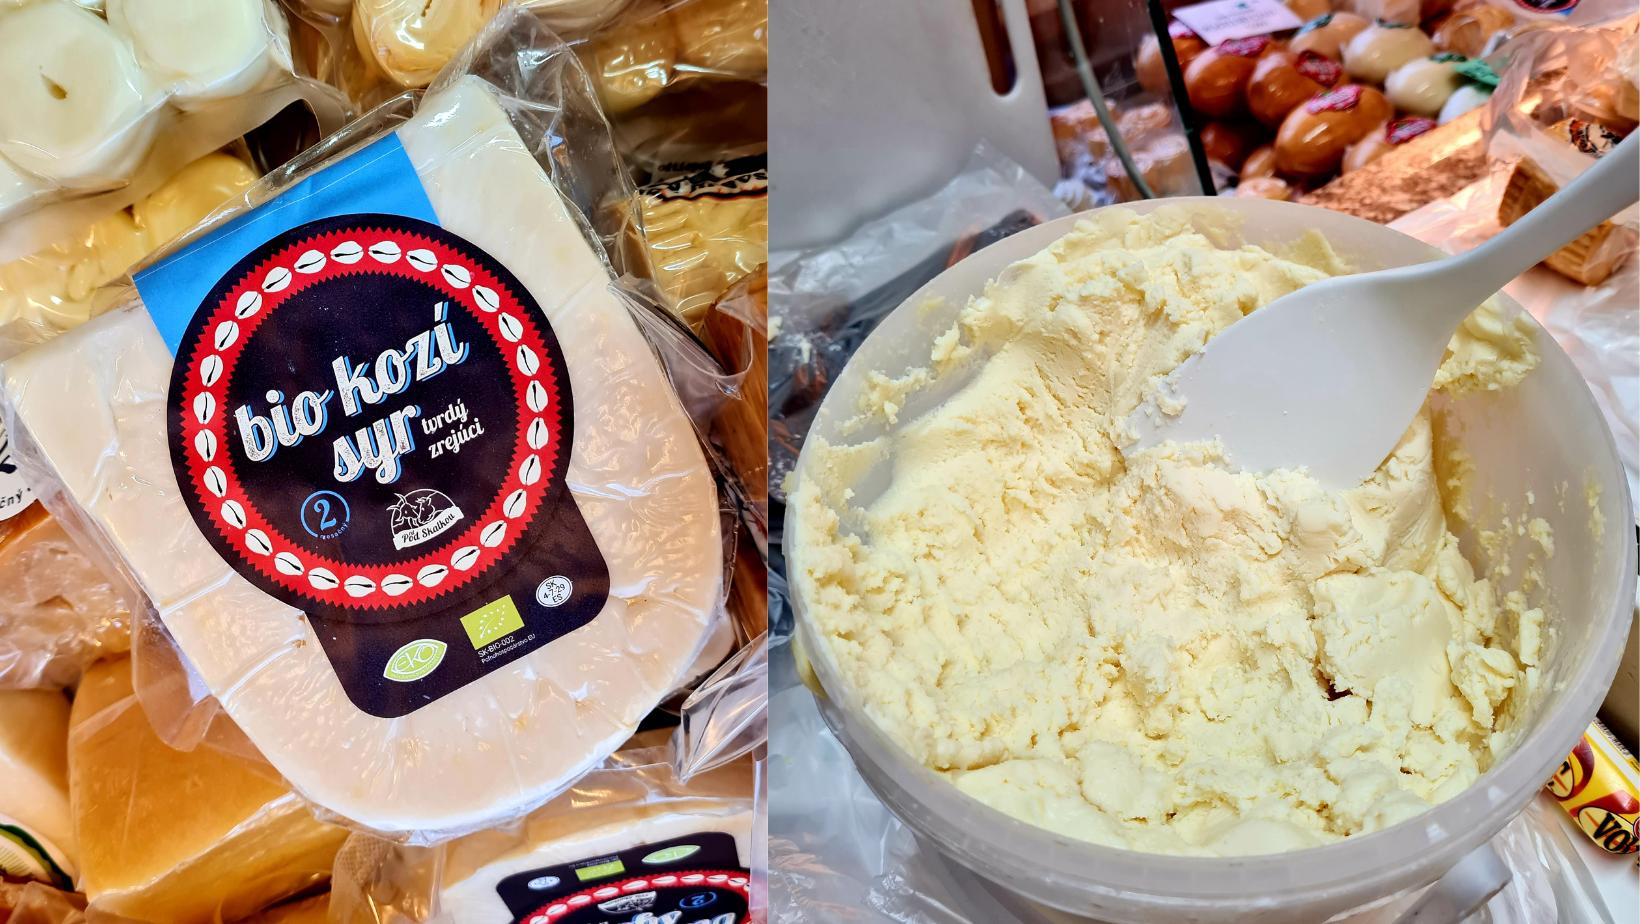 Milujete ovčí syr, kozie jogurty alebo máte radšej tradičné kravské výrobky? U nás si prídu všetci na svoje